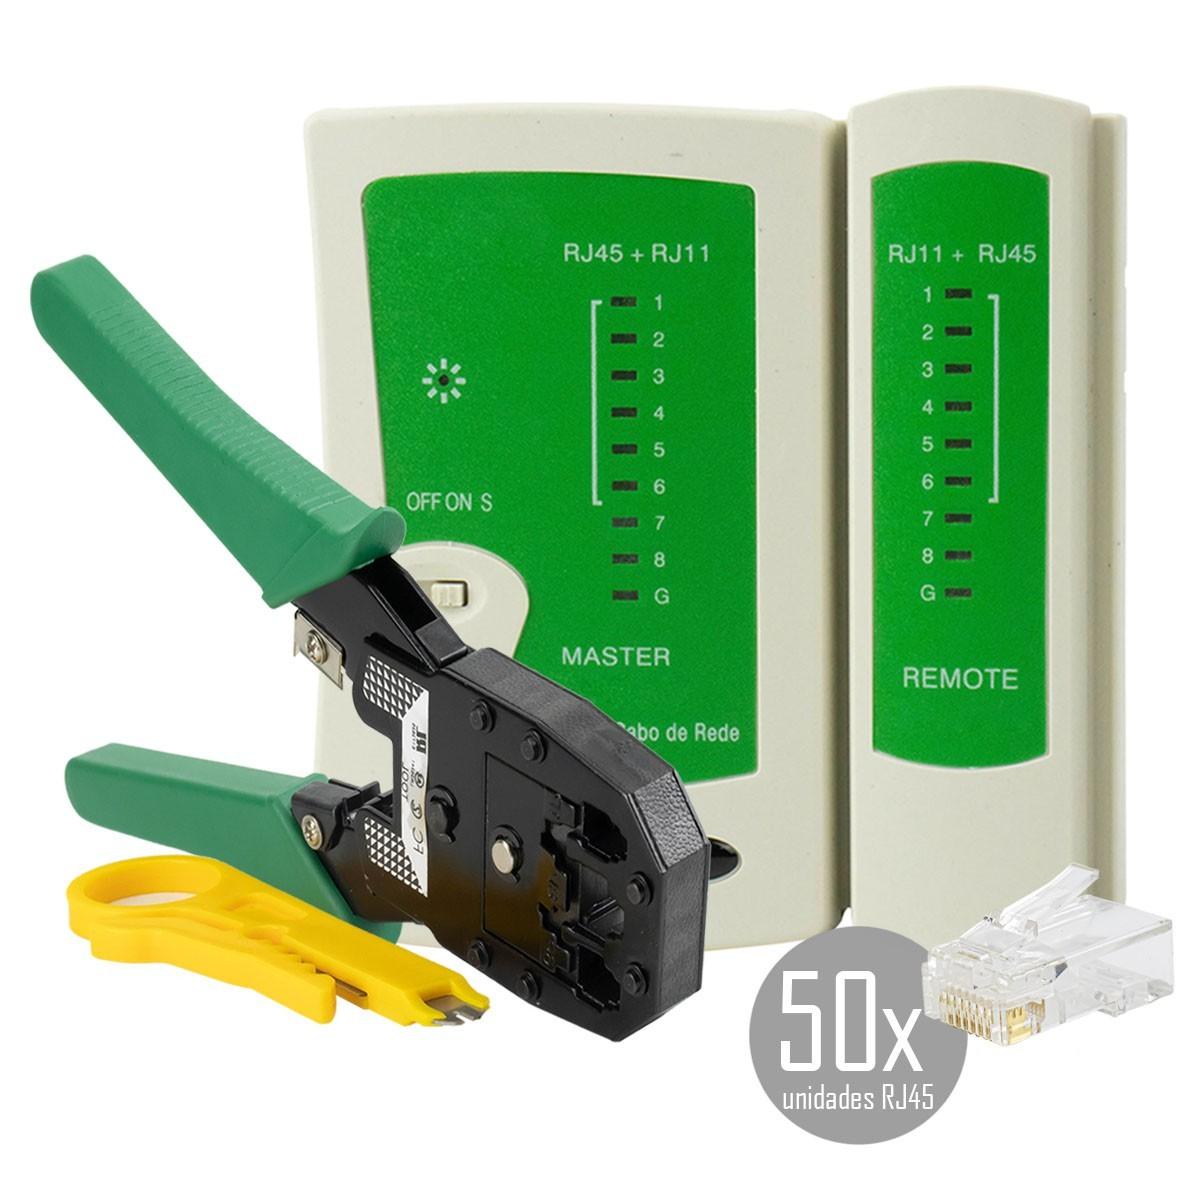 KIT Alicate p/ Crimpagem RJ45 e RJ11 + Testador de Cabos RJ45 + 50x Conectores RJ45